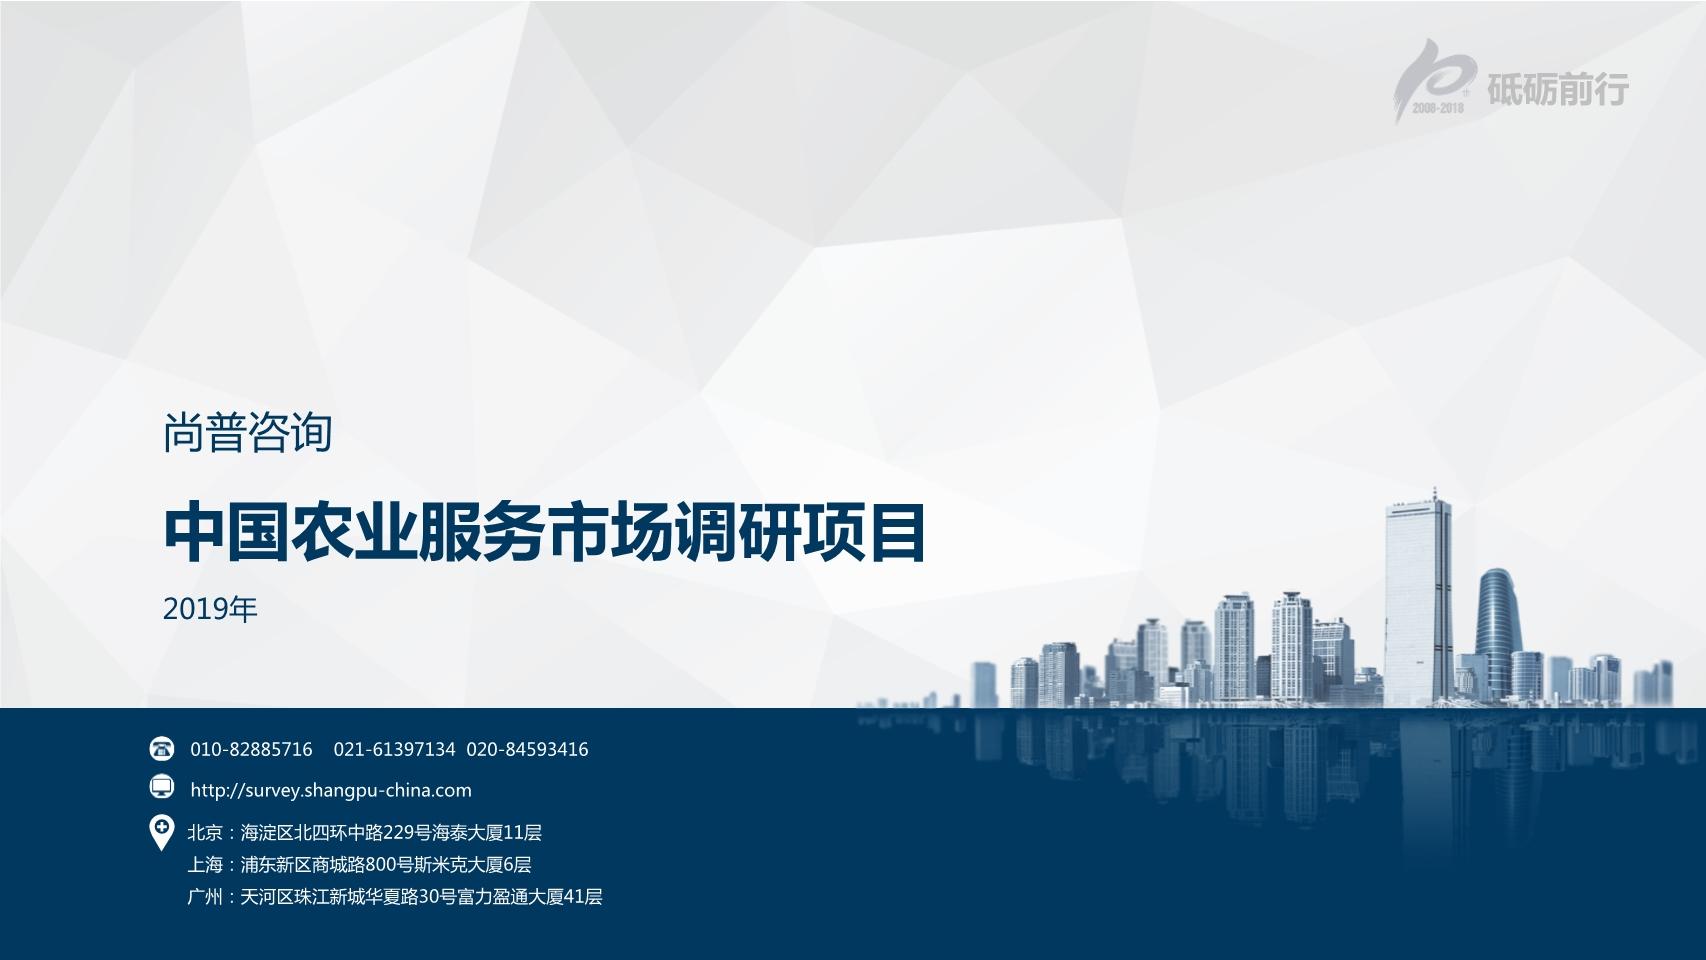 中国农业服务市场调研